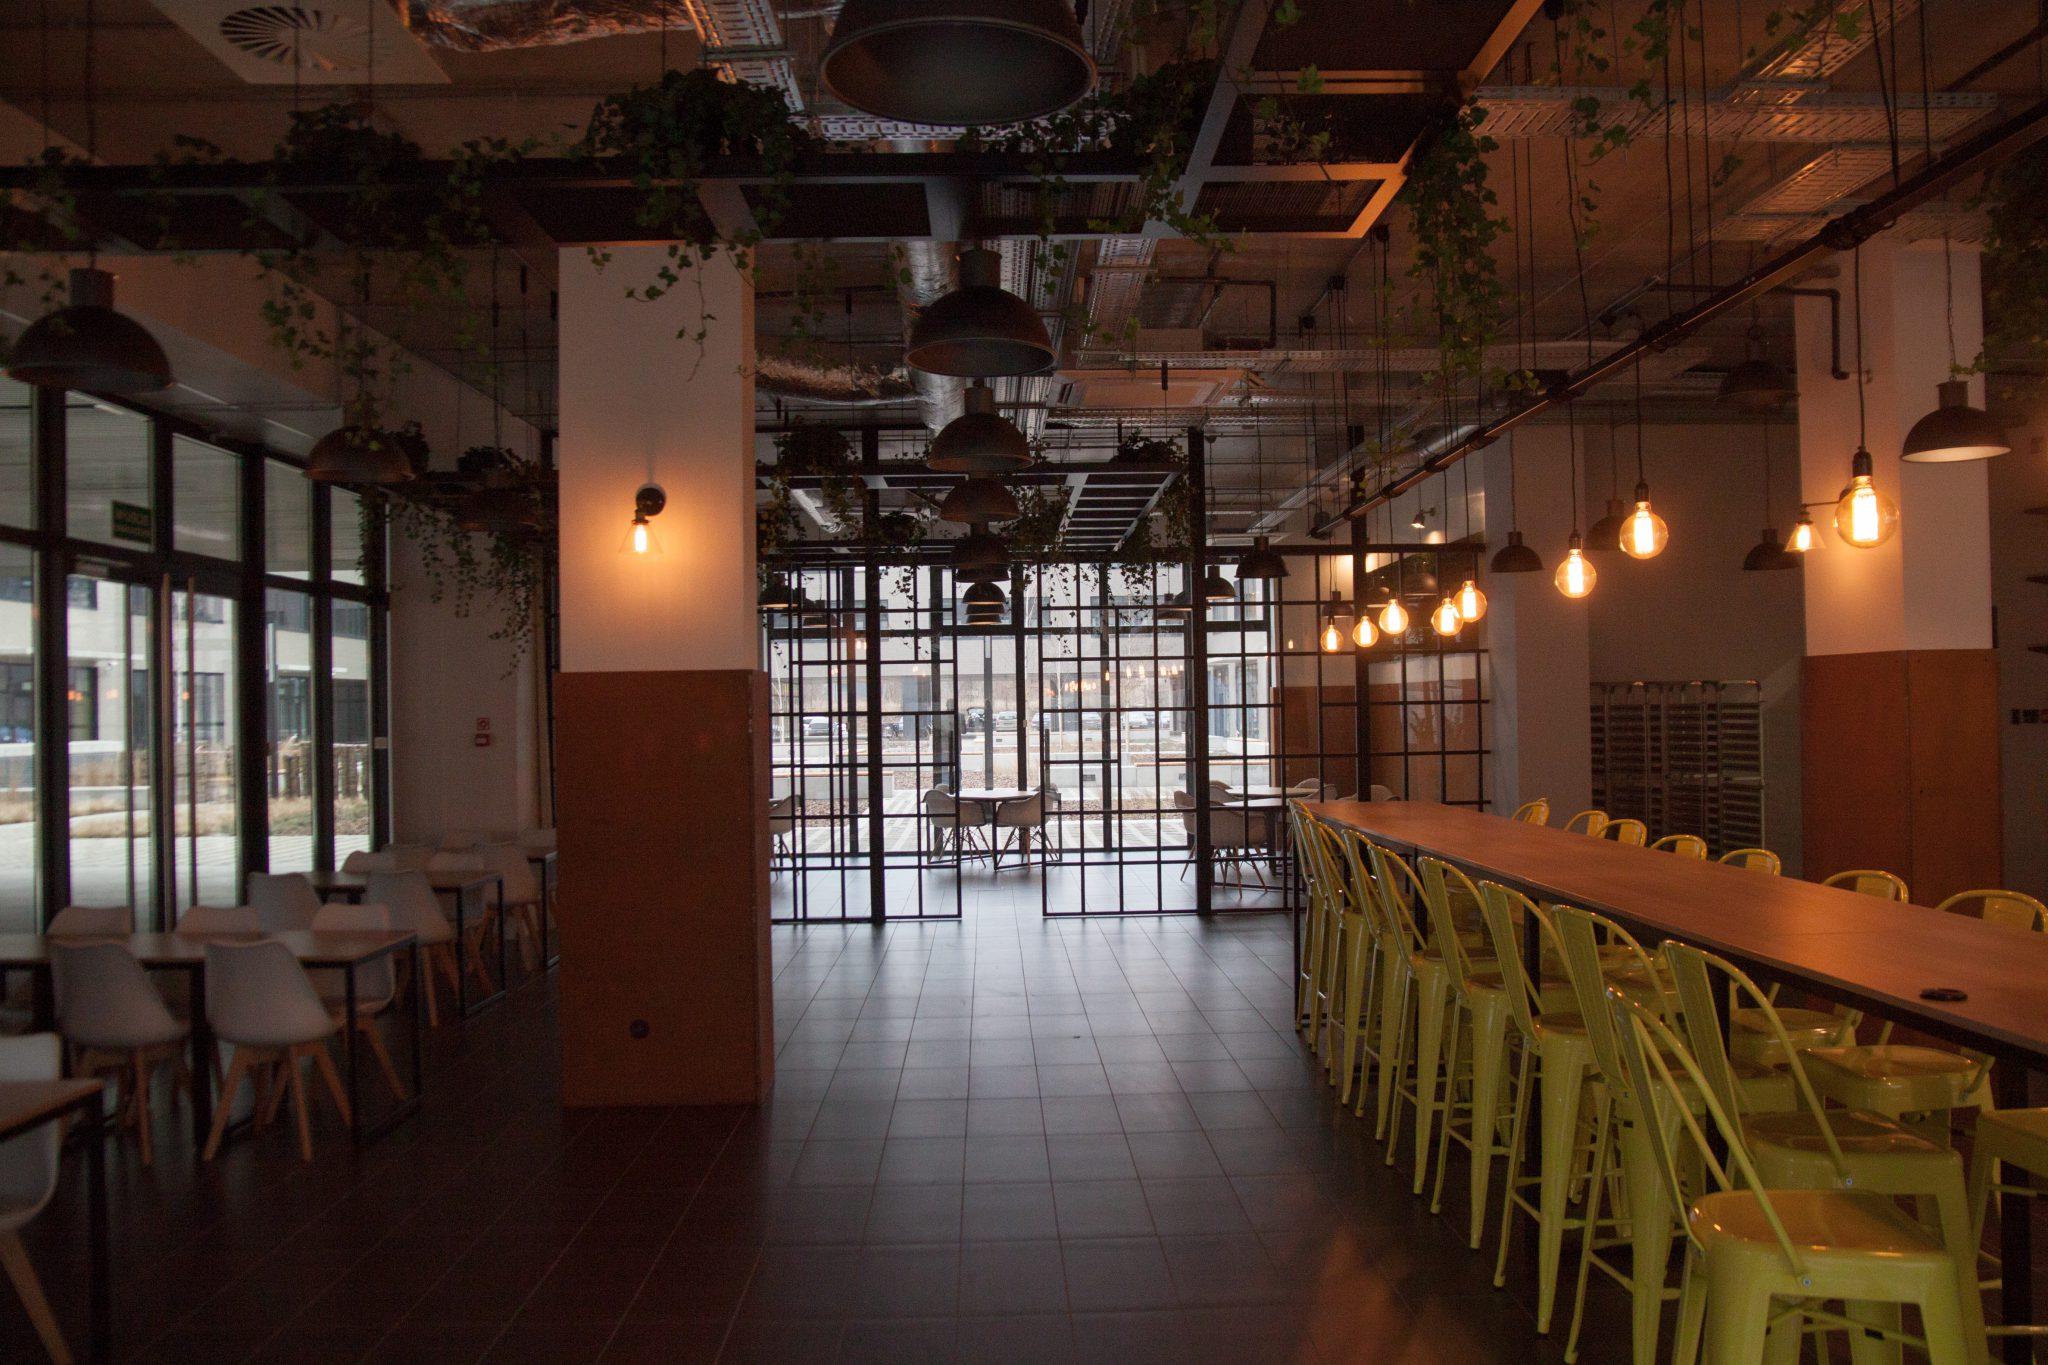 wyposażenie restaurIcon Concept, drzwi kute, drzwi metalowe, drzwi metalowe loftowe, drzwi wewnętrzne, wrocław, dolnośląskie, LOFT, drzwi loft, drzwi metalowe loft, kowalstwo, okna metalowe industrialne, witryny metalowe industrialneacji, meble do restauracji, meble restauracyjne